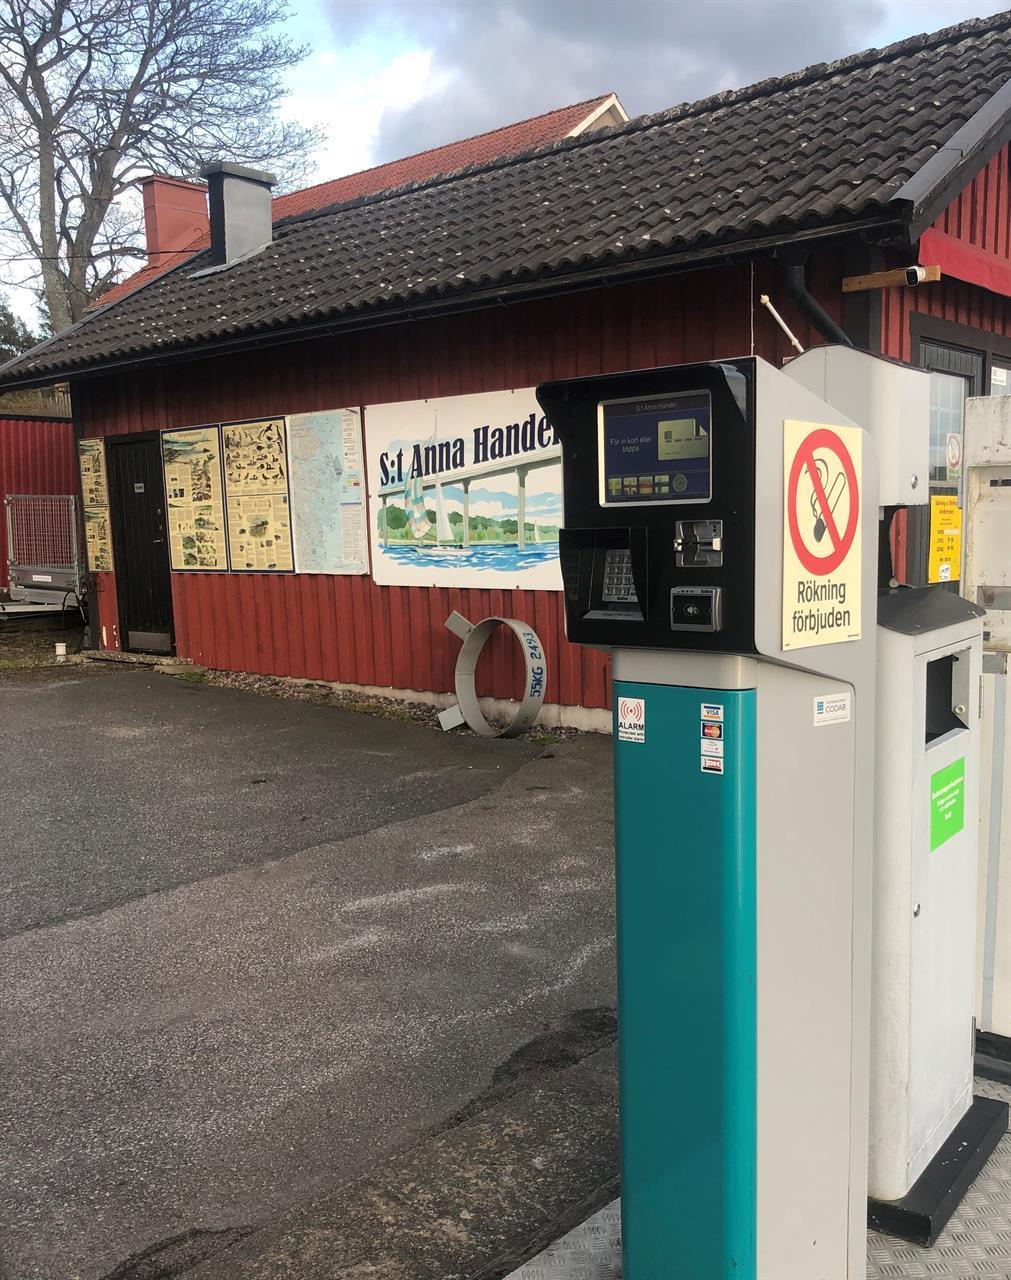 Konto automat för alla vanliga kort